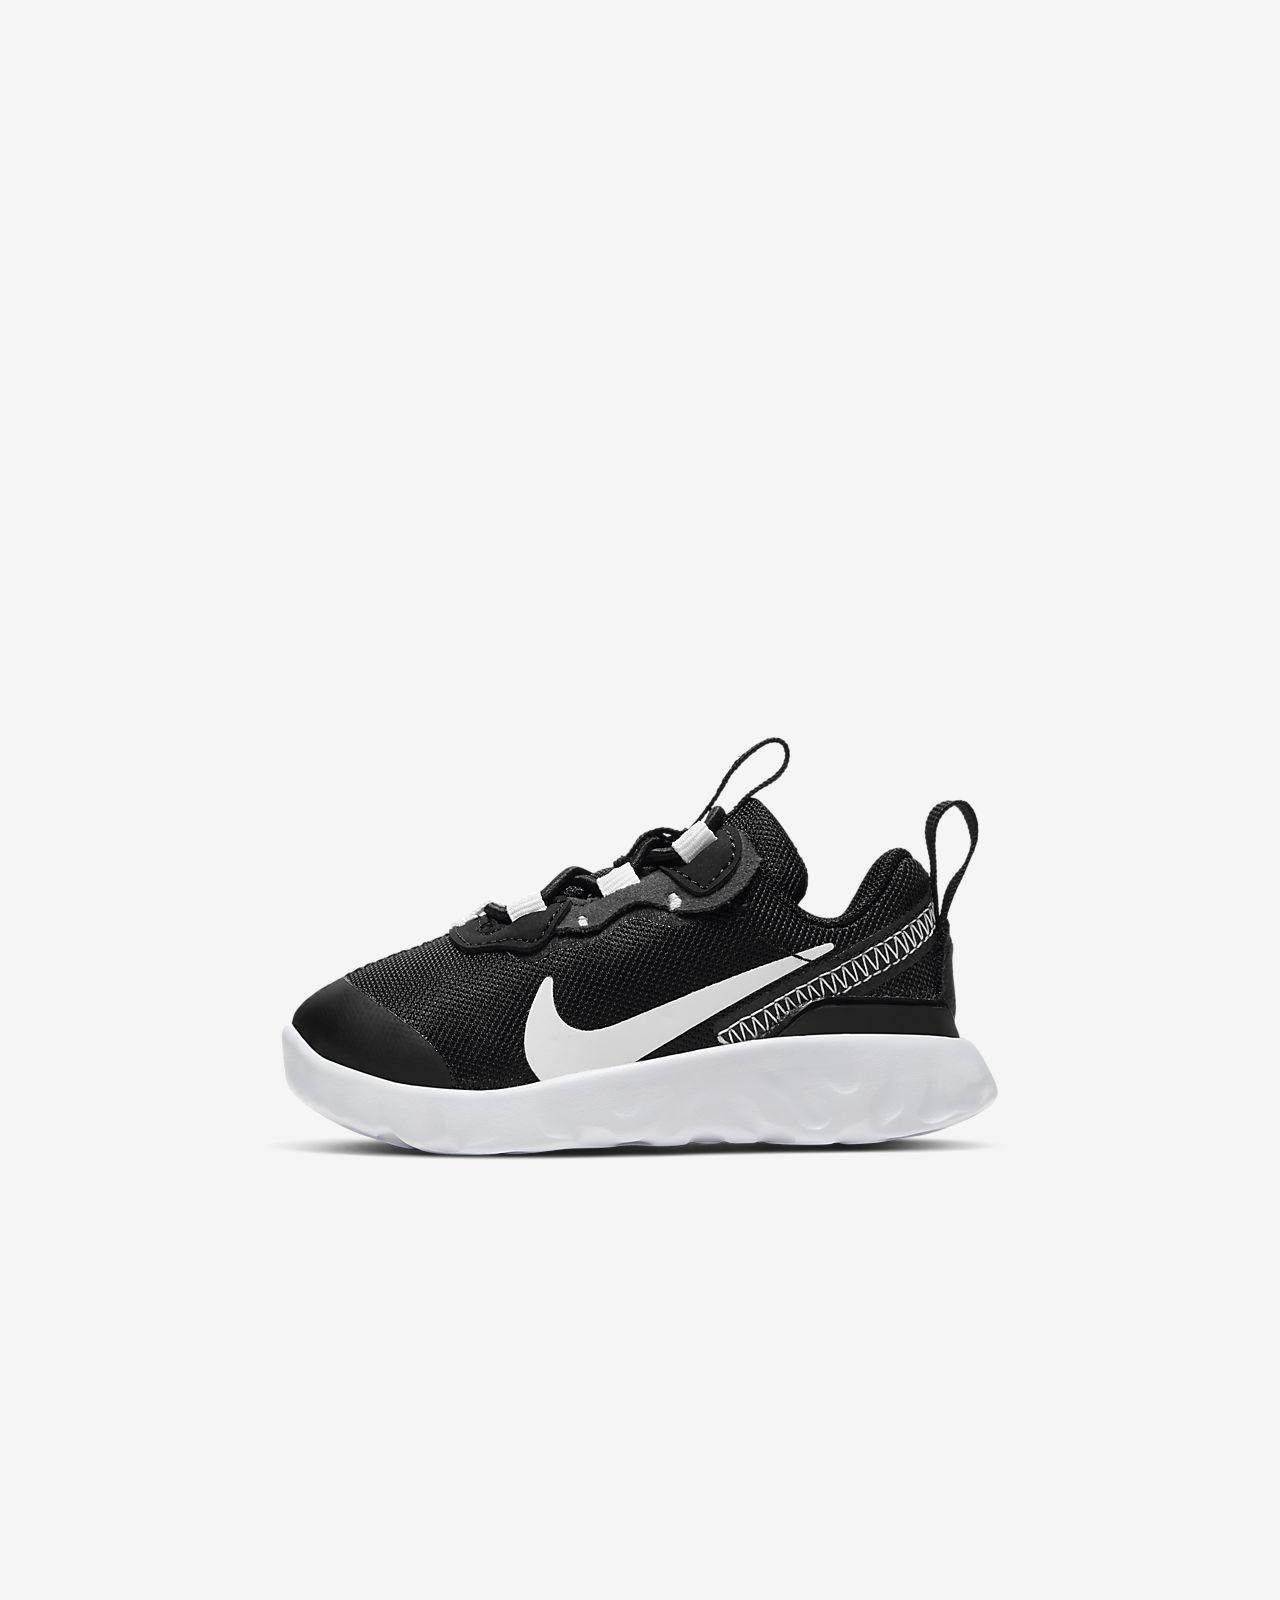 Chaussure Nike Element 55 pour Bébé et Petit enfant